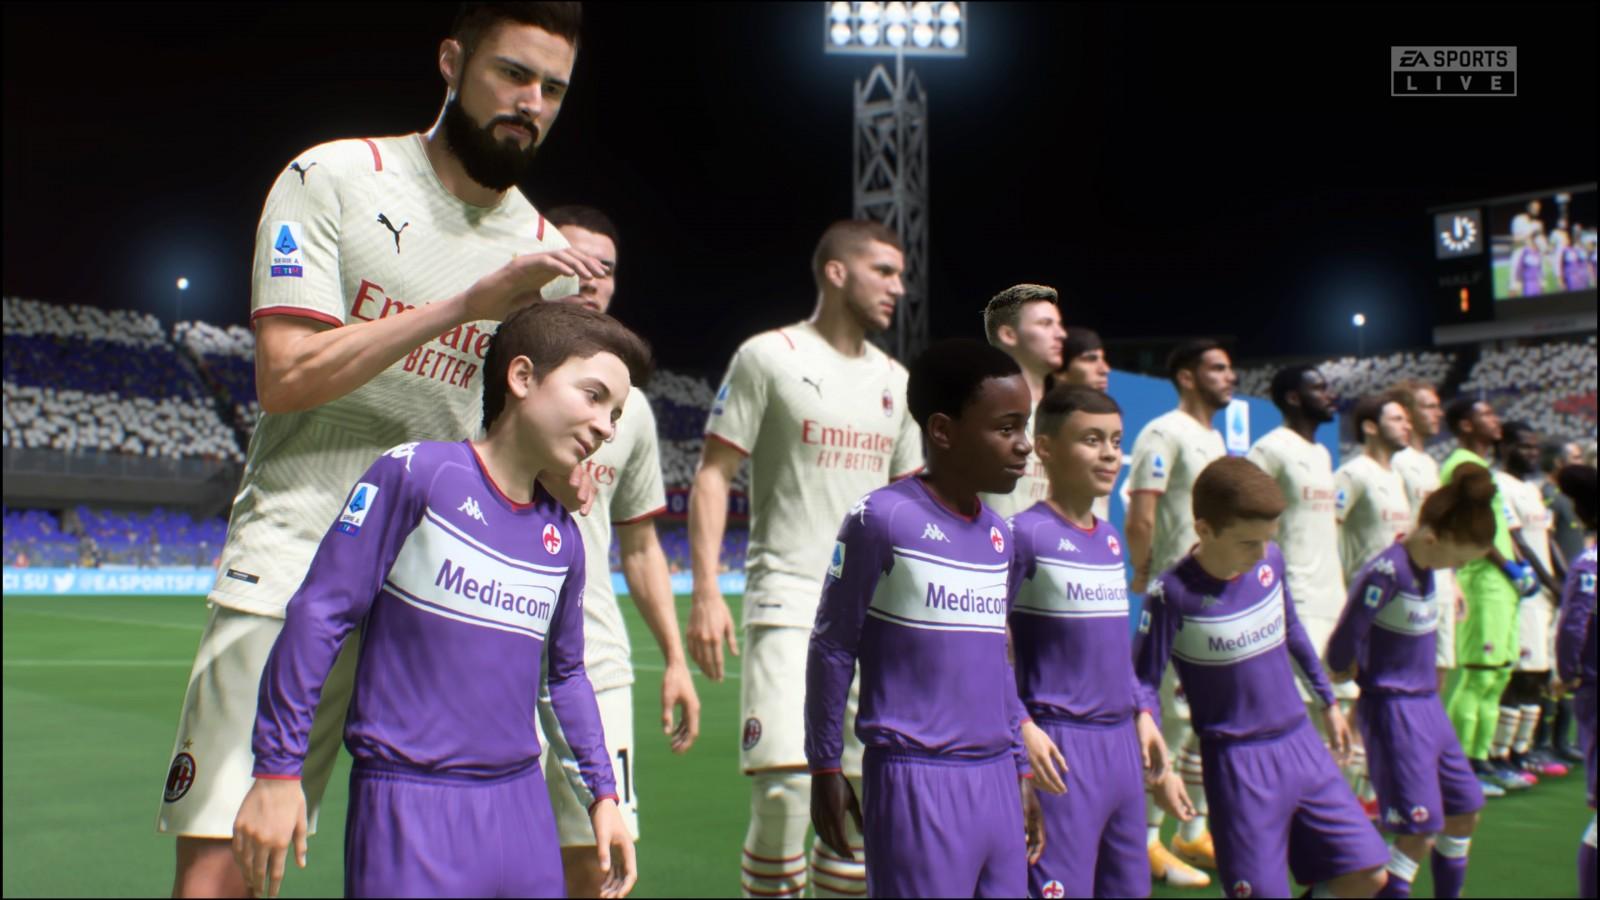 Reseña: ¿Será FIFA 22 un golazo o no? 8